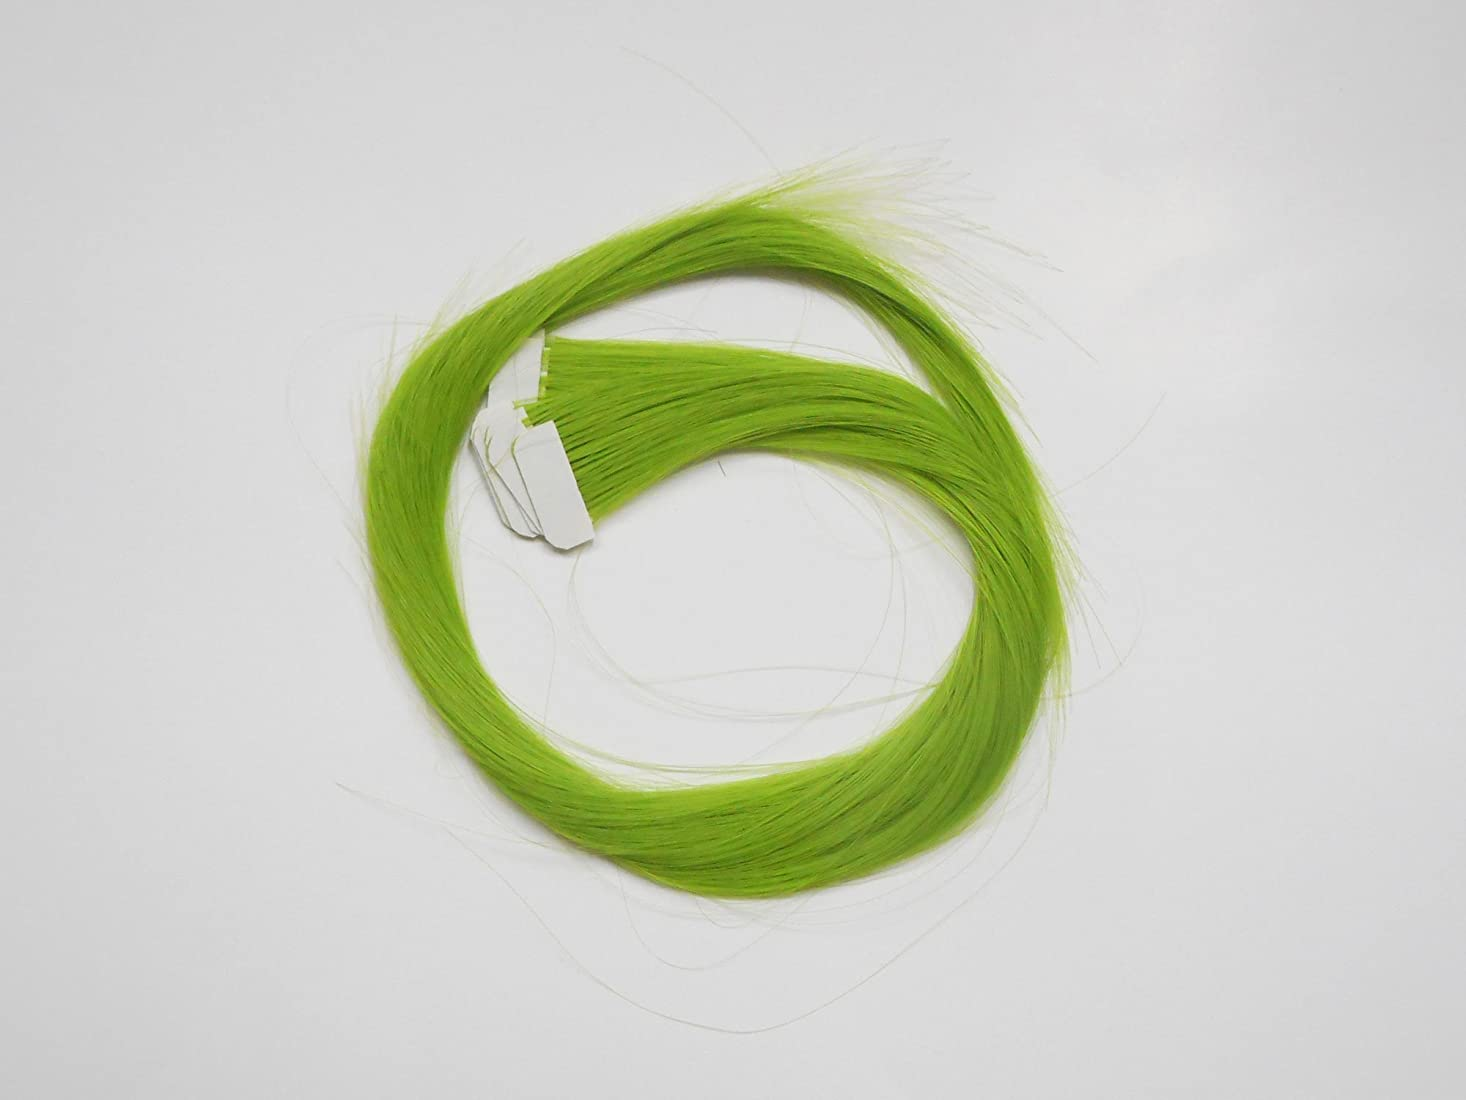 弓行く気性簡単エクステ テープエクステンション シールエクステンション 10枚入 10色カラー (グリーン)